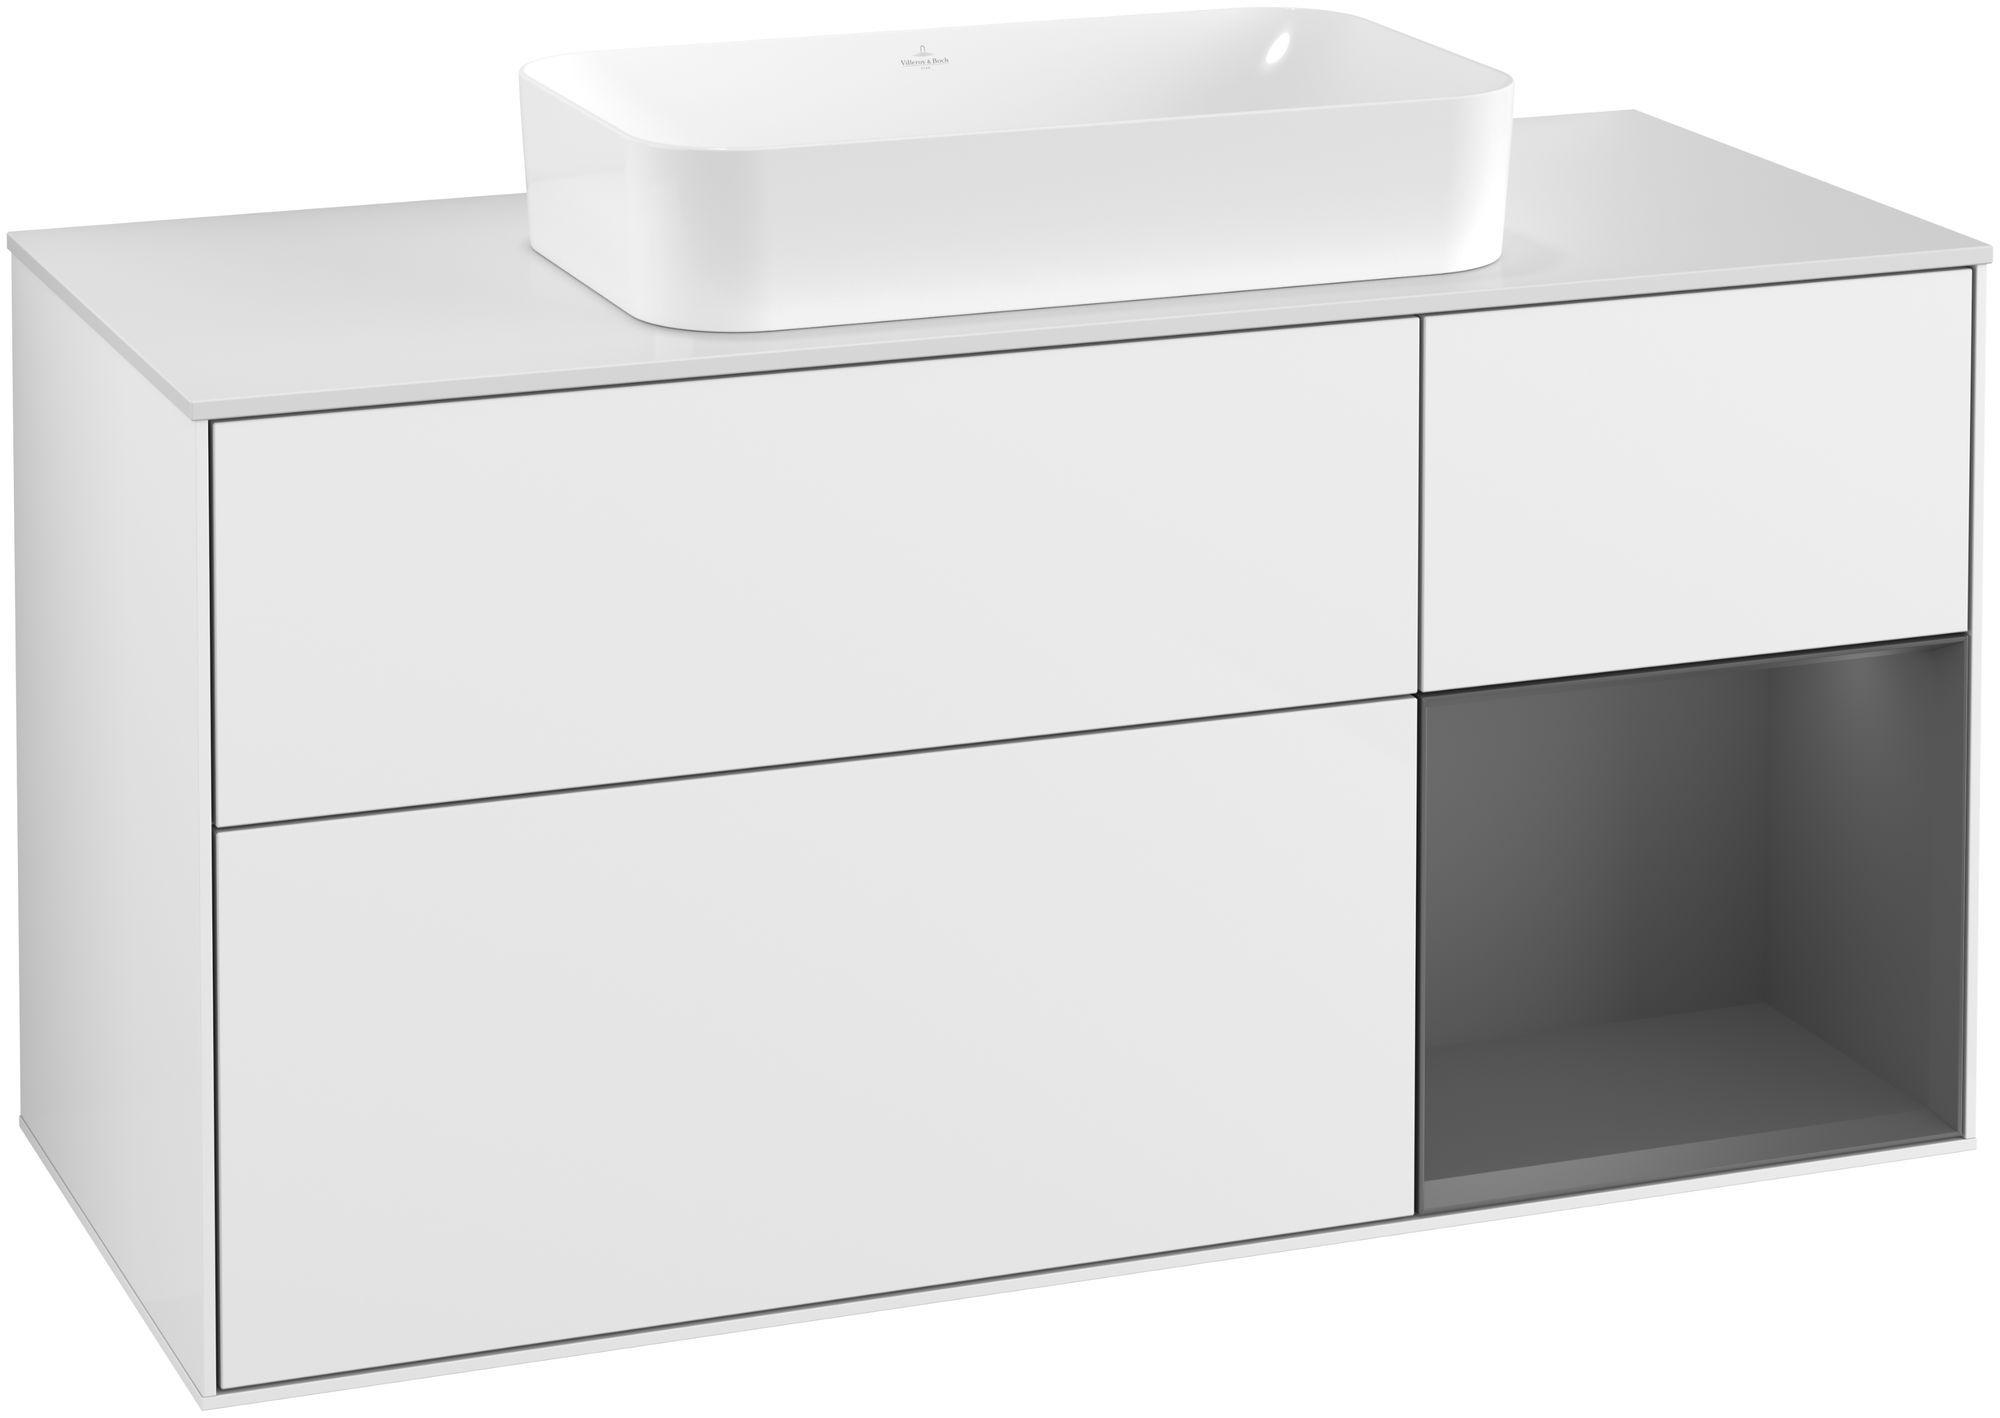 Villeroy & Boch Finion G30 Waschtischunterschrank mit Regalelement 3 Auszüge für WT mittig LED-Beleuchtung B:120xH:60,3xT:50,1cm Front, Korpus: Glossy White Lack, Regal: Anthracite Matt, Glasplatte: White Matt G301GKGF